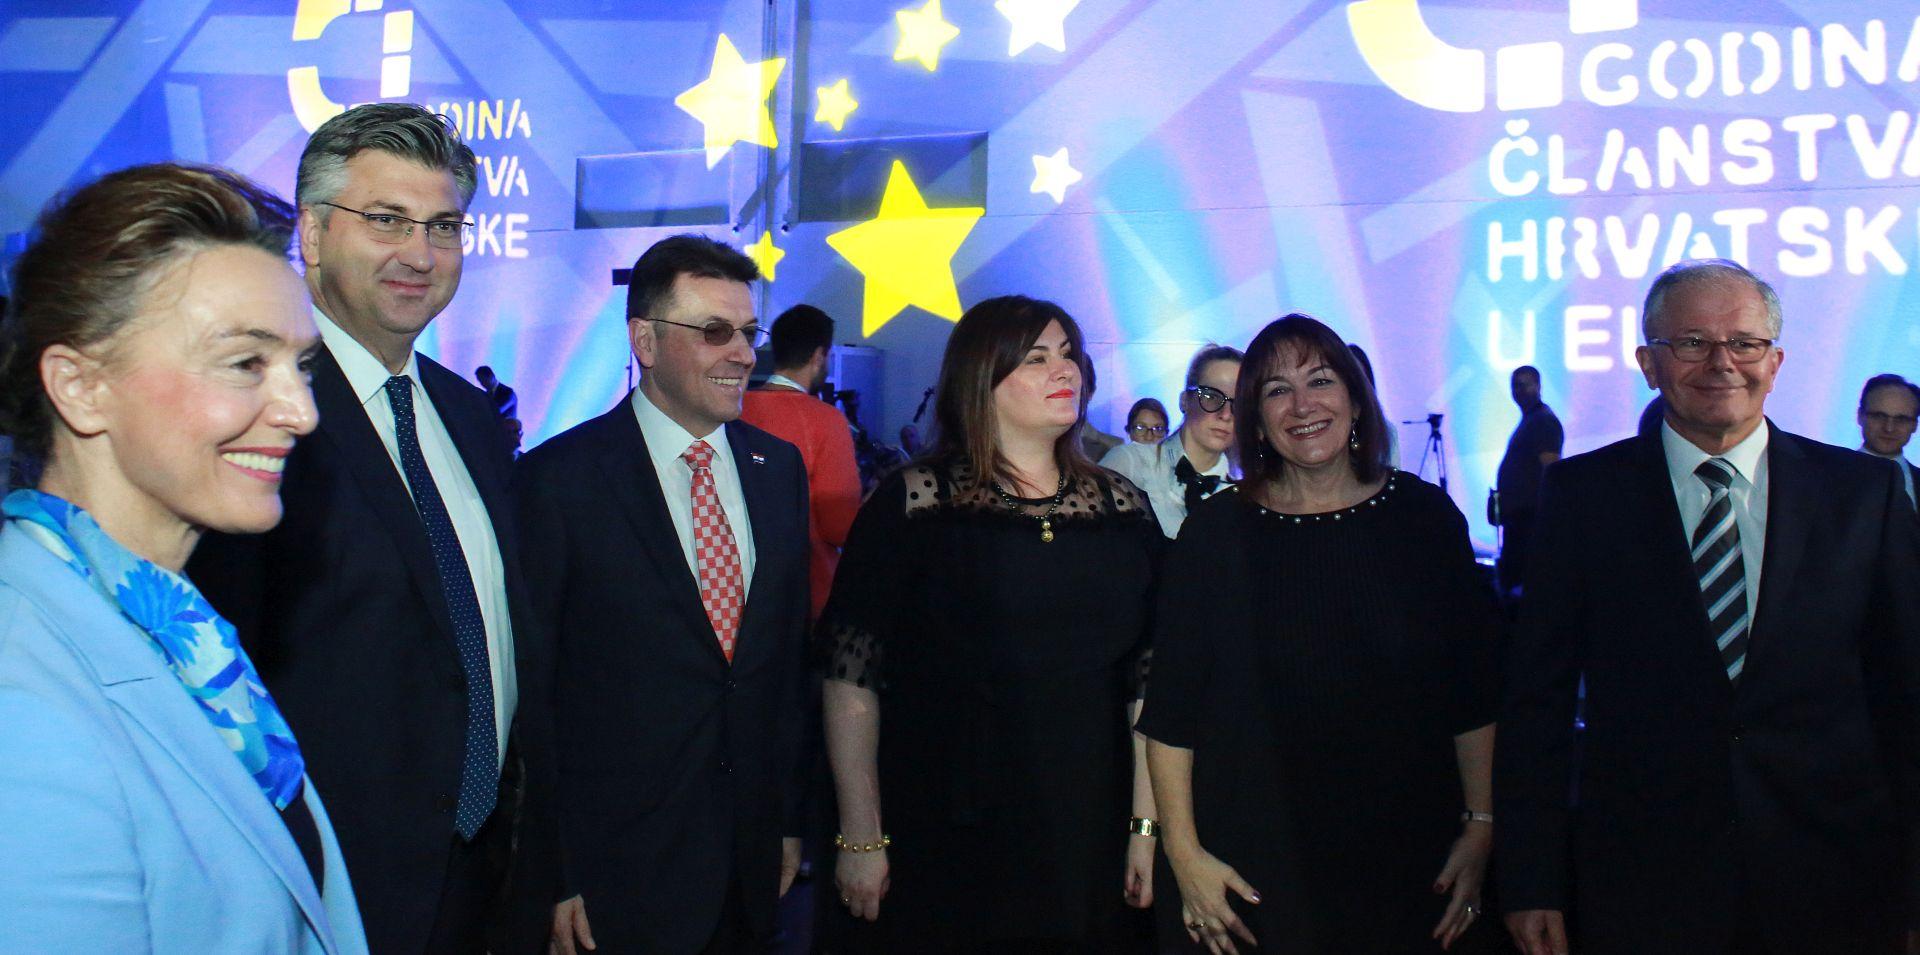 5 GODINA U EU Hrvatska postala bolje mjesto za život